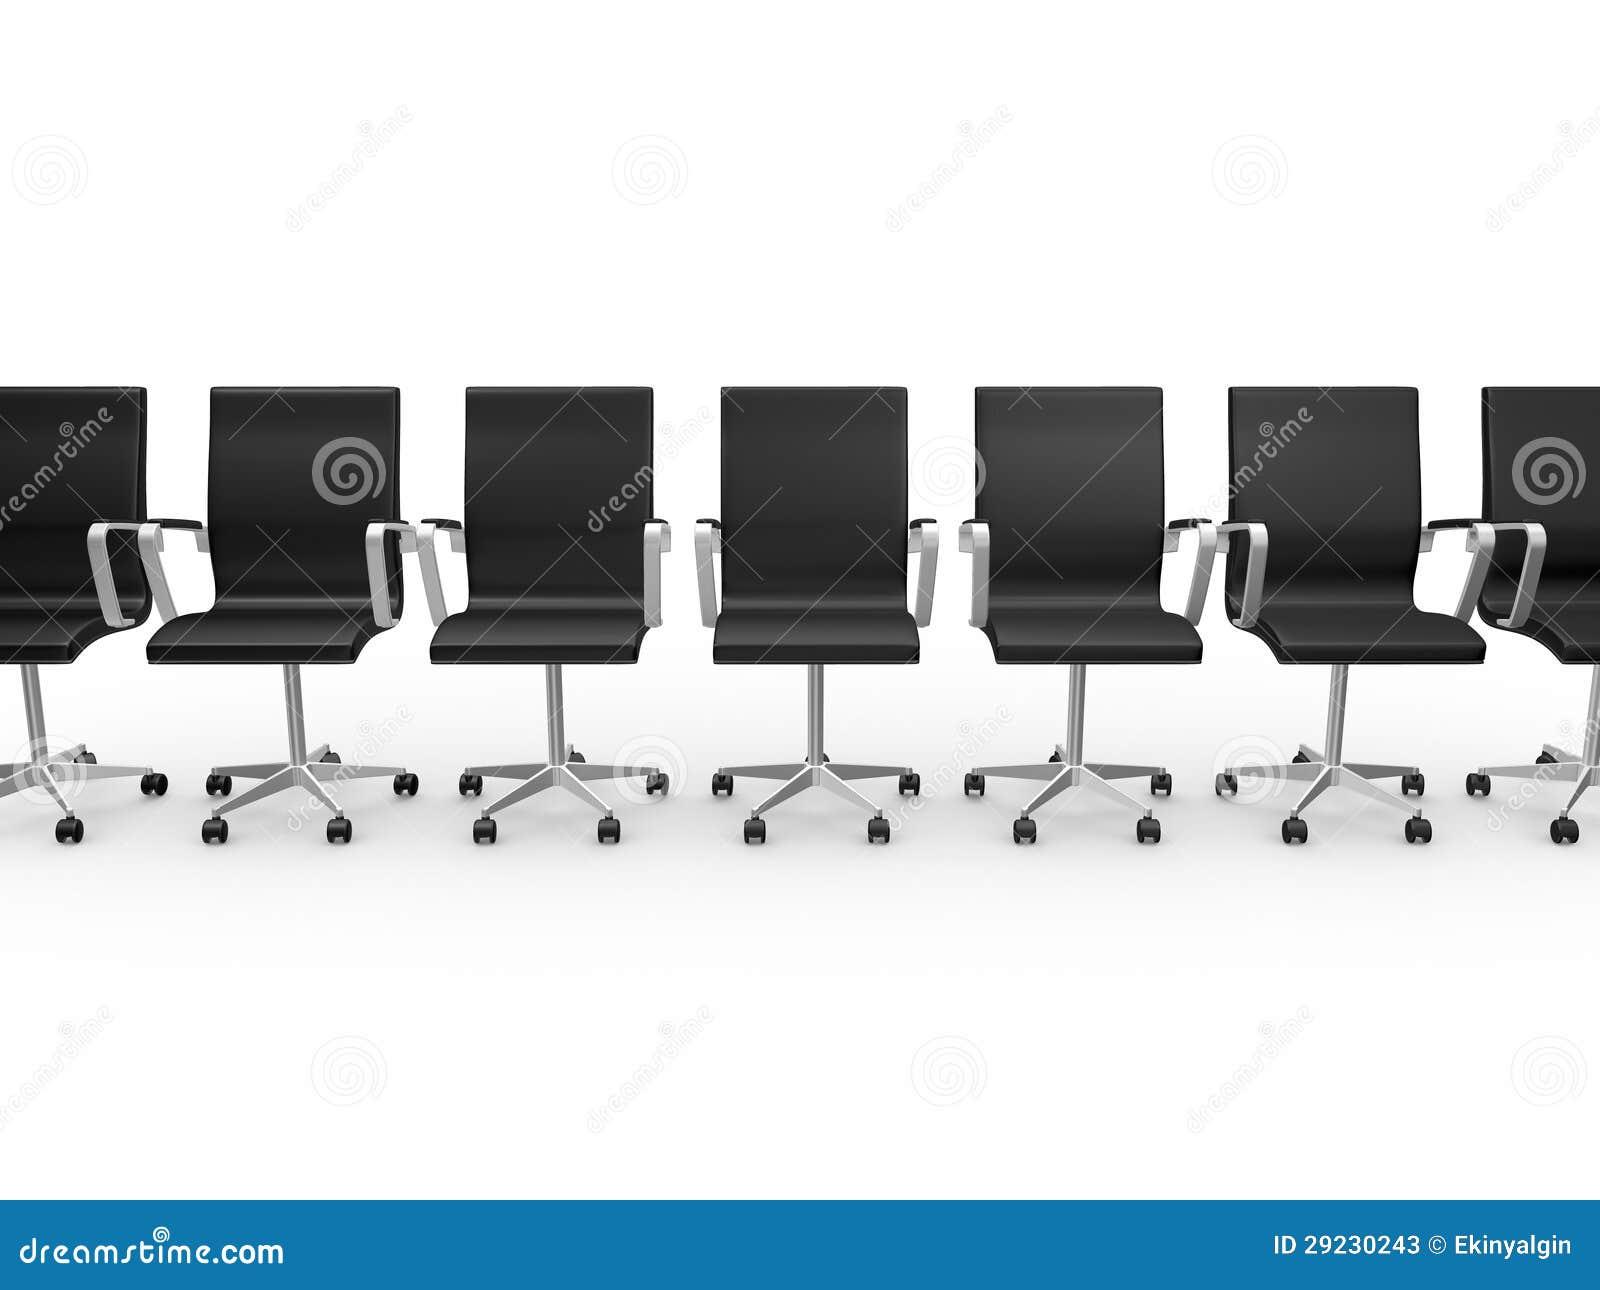 Download Cadeiras Do Escritório Em Seguido Ilustração Stock - Ilustração de conceito, discussão: 29230243